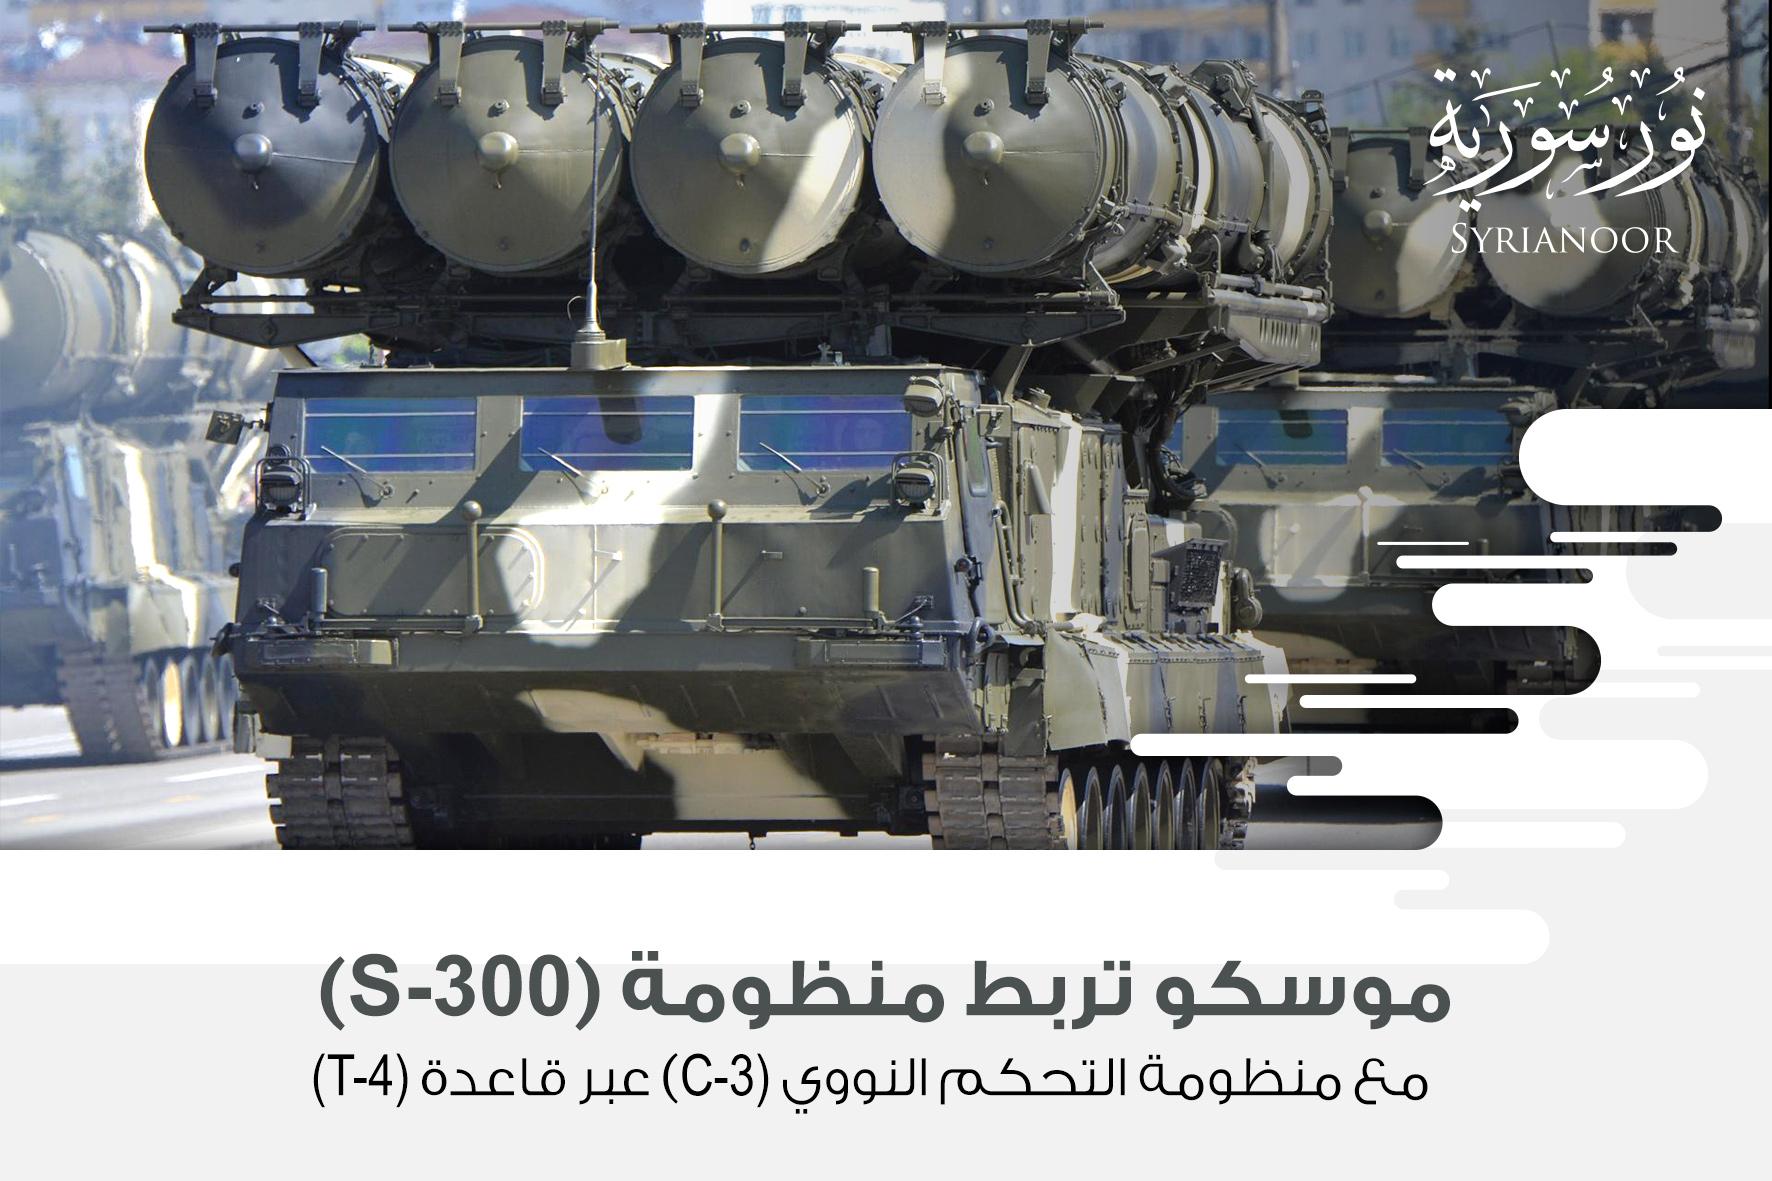 موسكو تربط منظومة (S-300) مع منظومة التحكم النووي (C-3) عبر قاعدة (T-4)